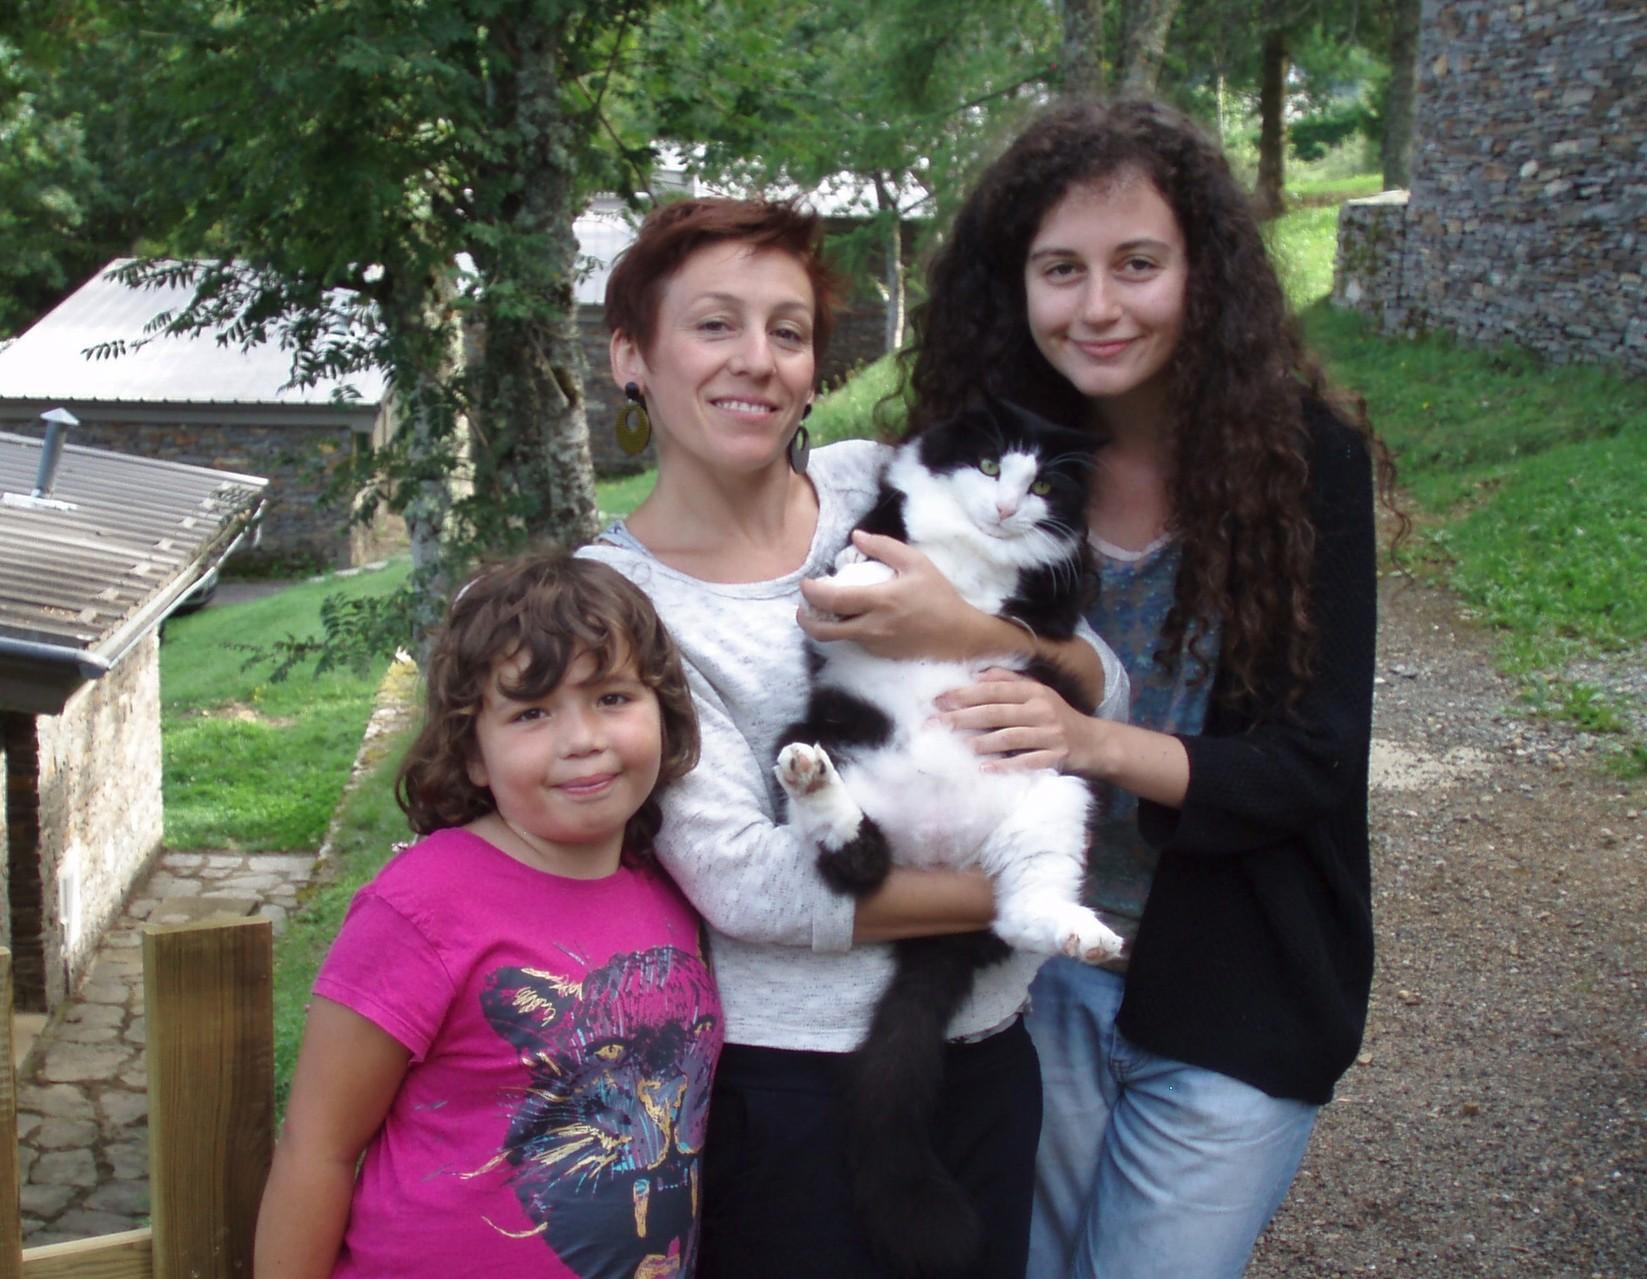 La petite Camille, Cristina notre animatrice, son chat Léon et Roxanne notre stagiaire BAFA.